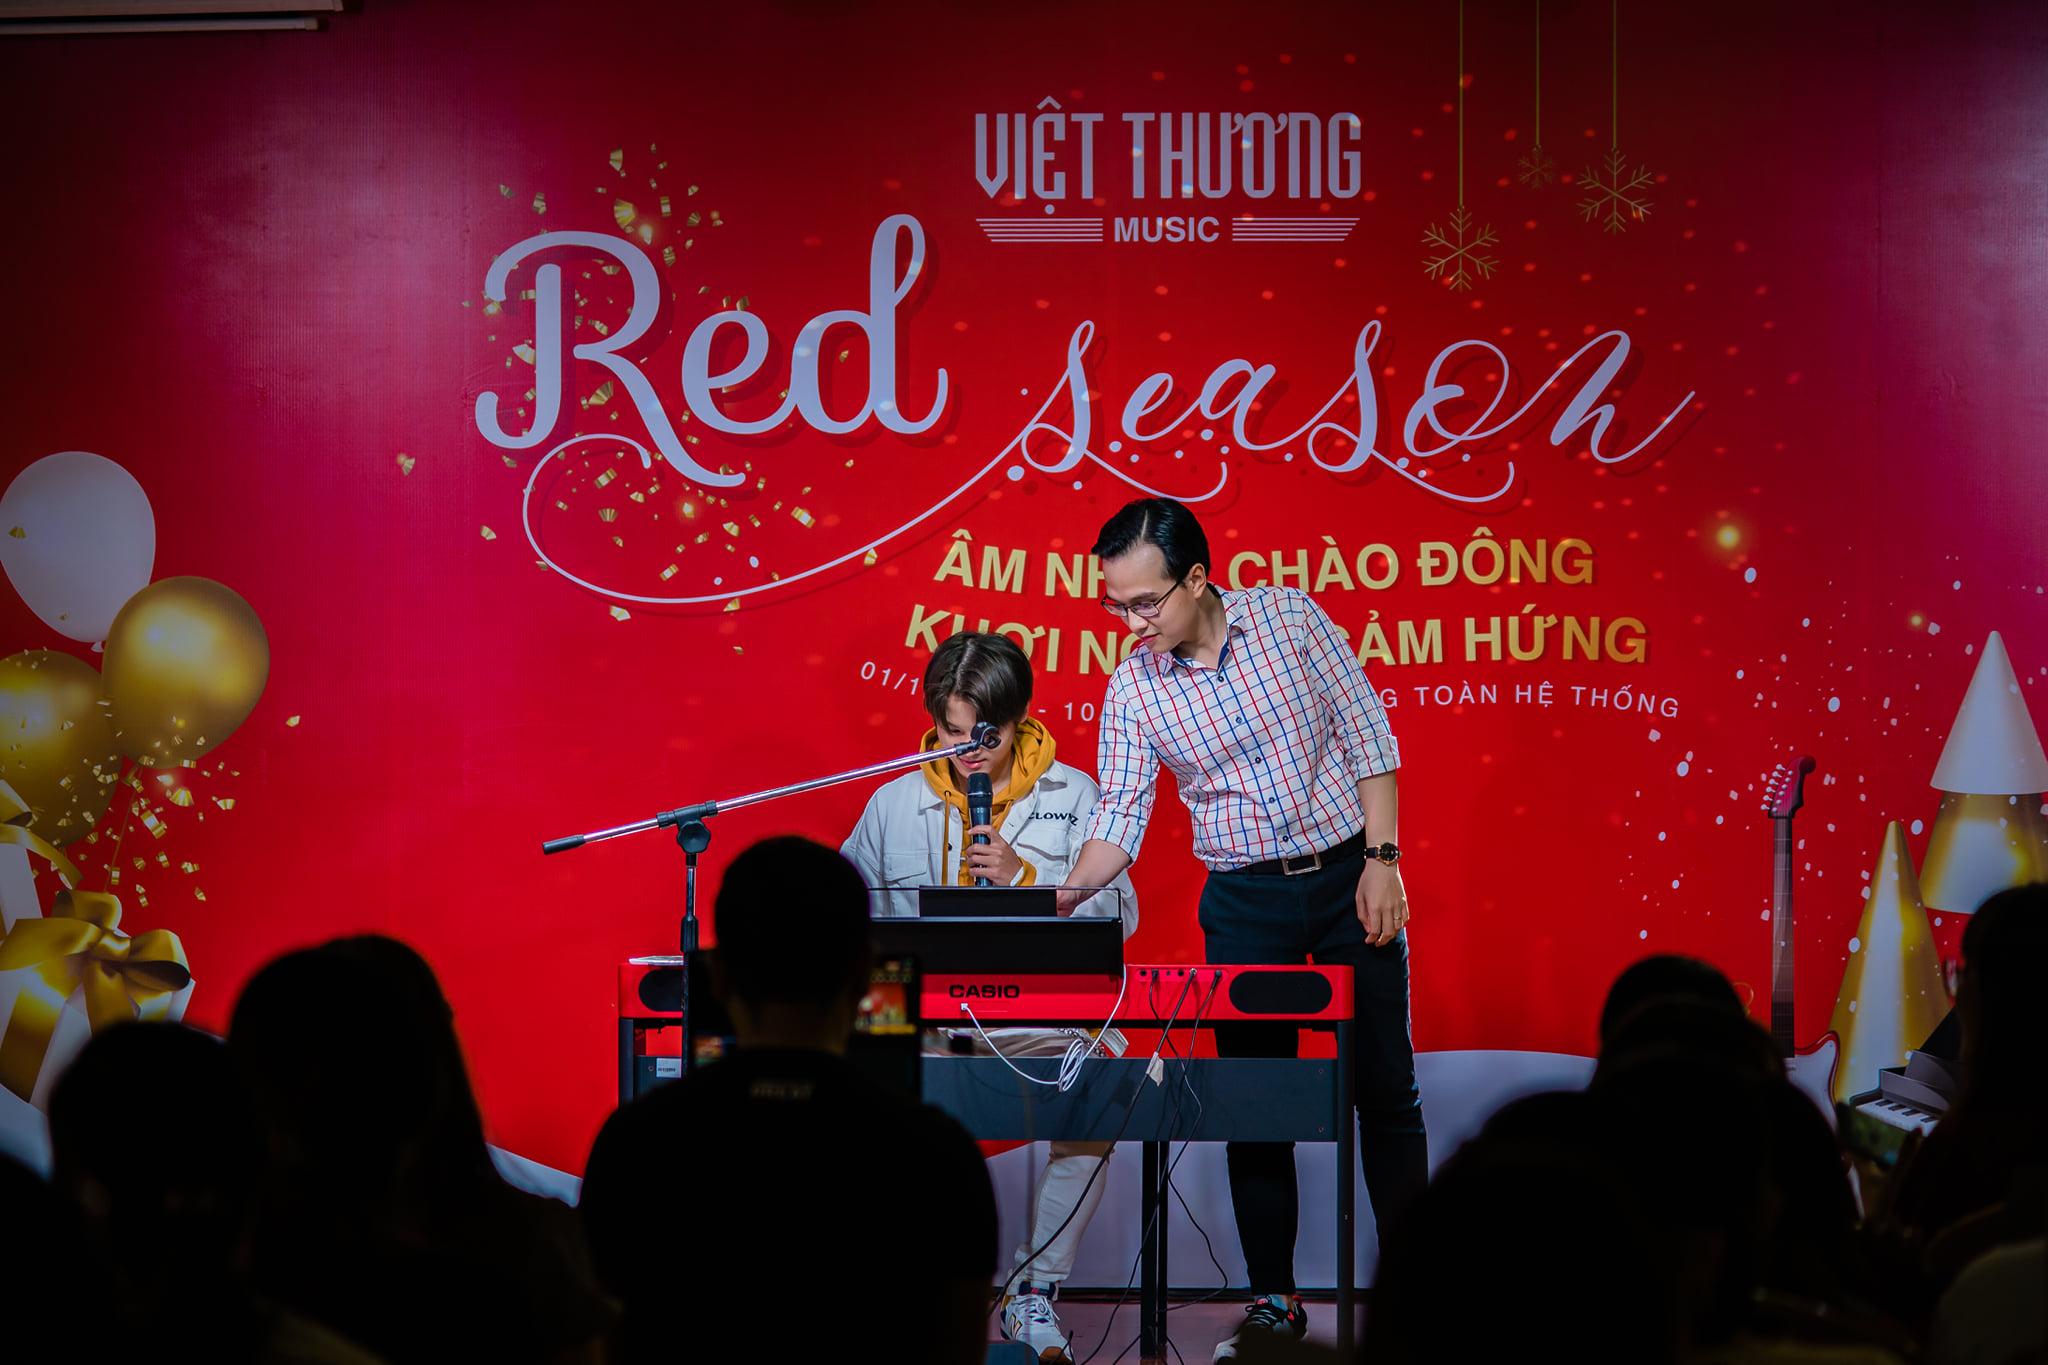 Sự kiện Casio Music Show 2020 cùng Thái Ngân và Lala Band ấn tượng với người nghe